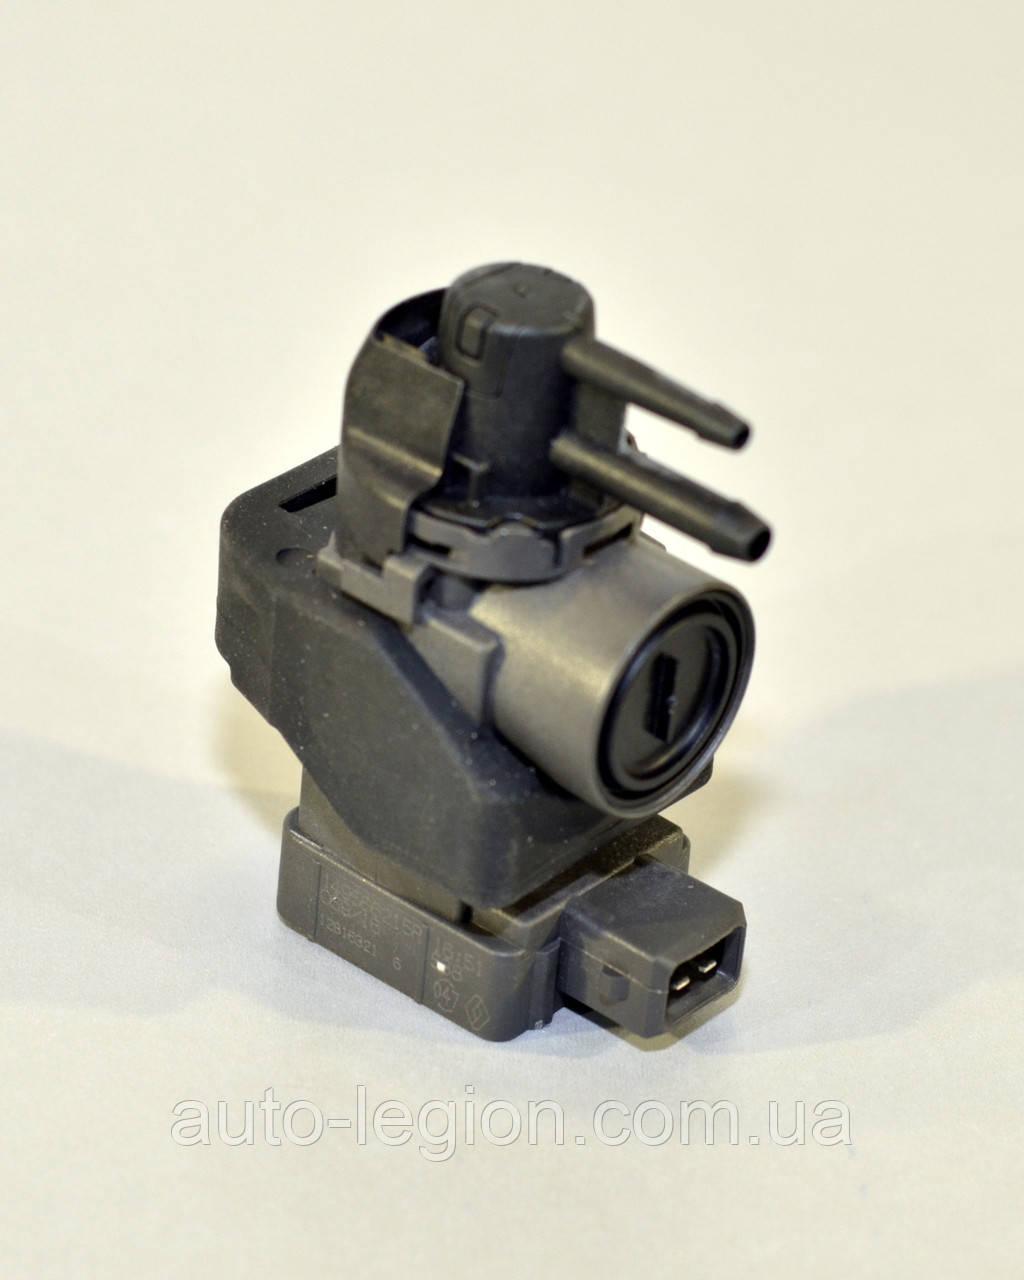 Клапан управления турбины на Renault Trafic II 2011->14,  2.0dCi — Renault (Оригинал) - 14 95 662 15R